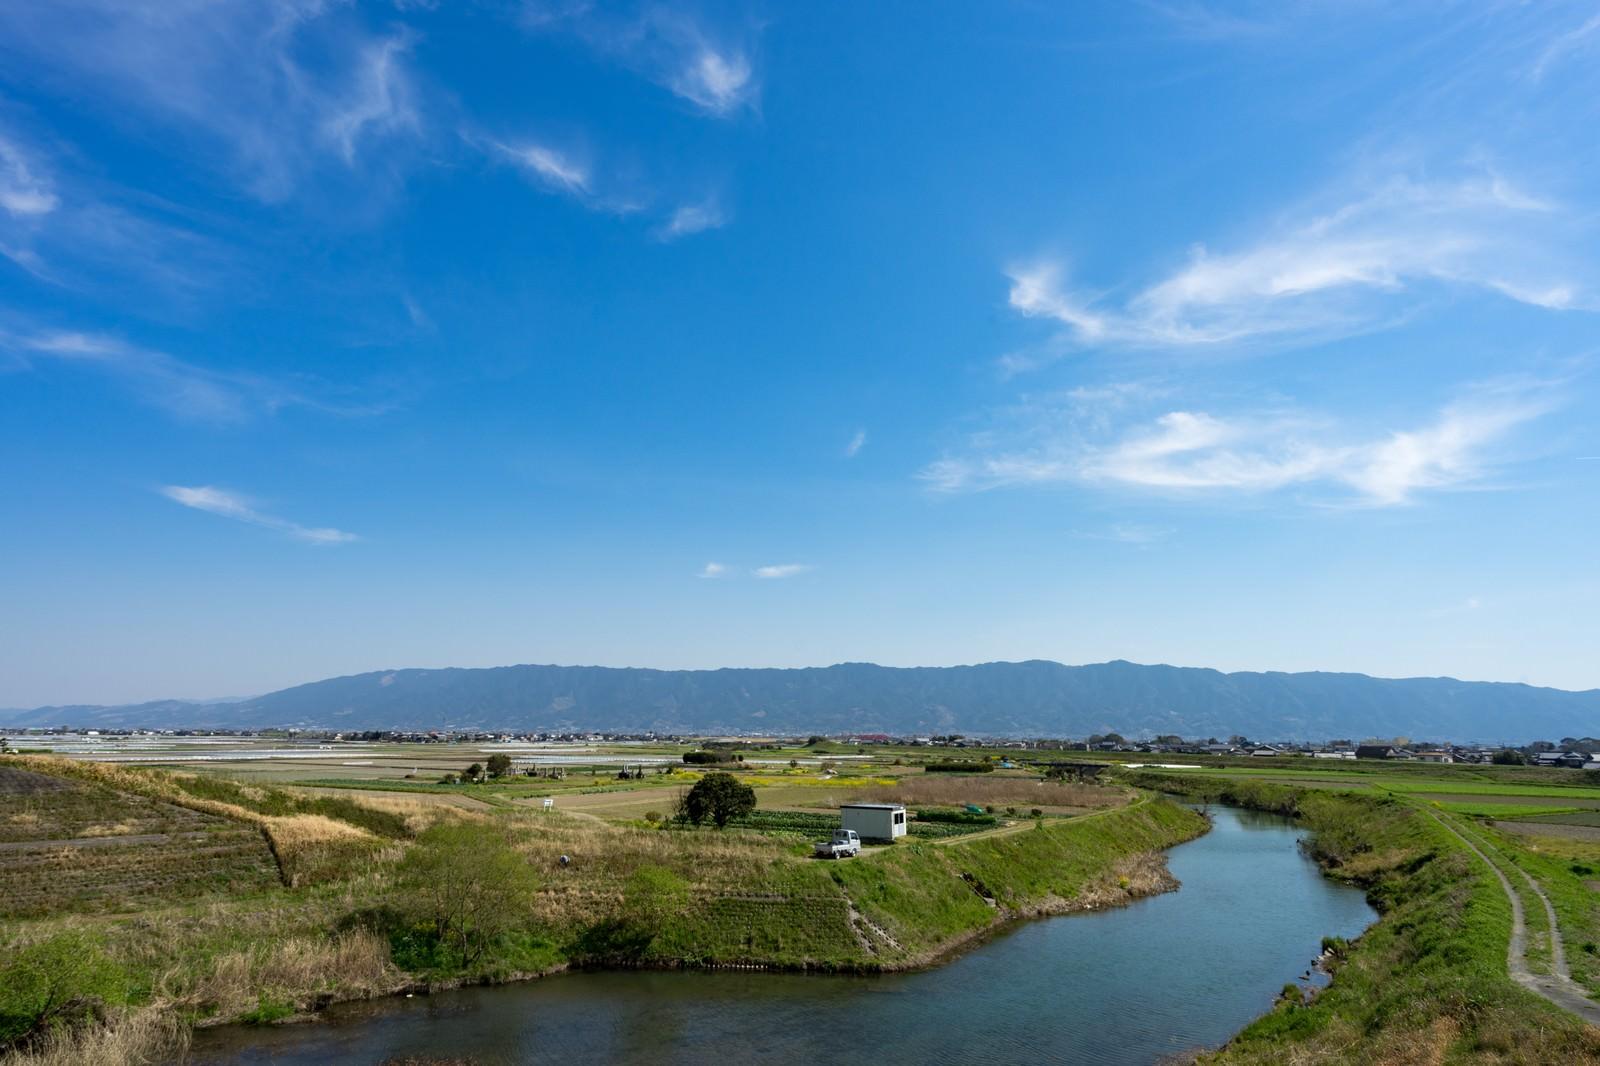 「大刀洗小石原川の様子大刀洗小石原川の様子」のフリー写真素材を拡大